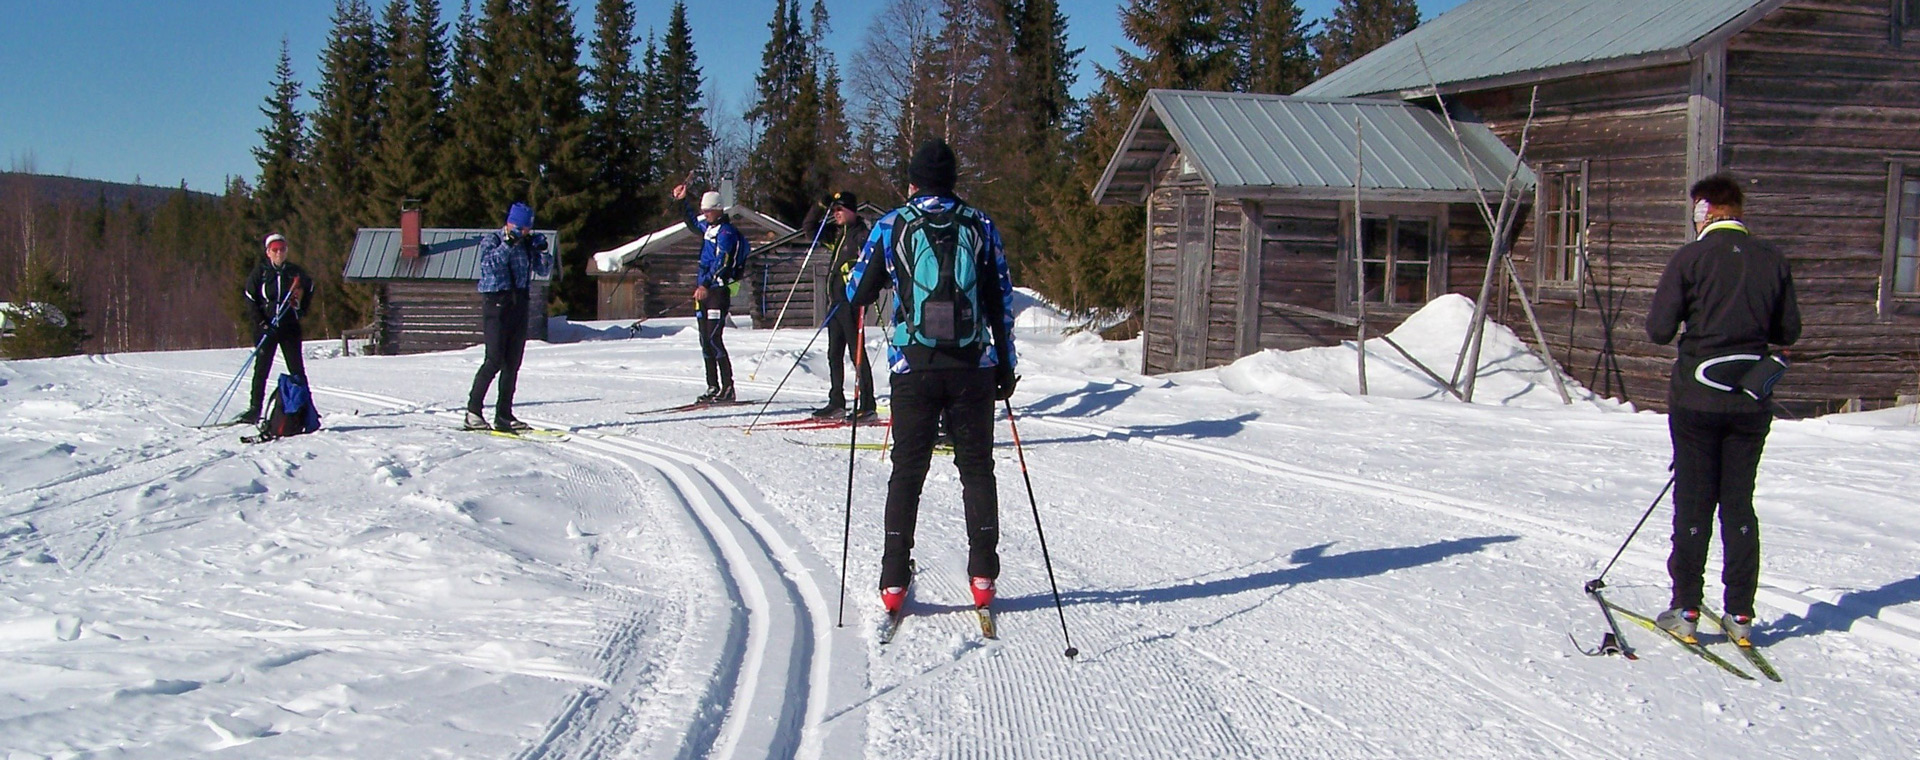 Voyage à la neige Finlande : Levi, Laponie finlandaise